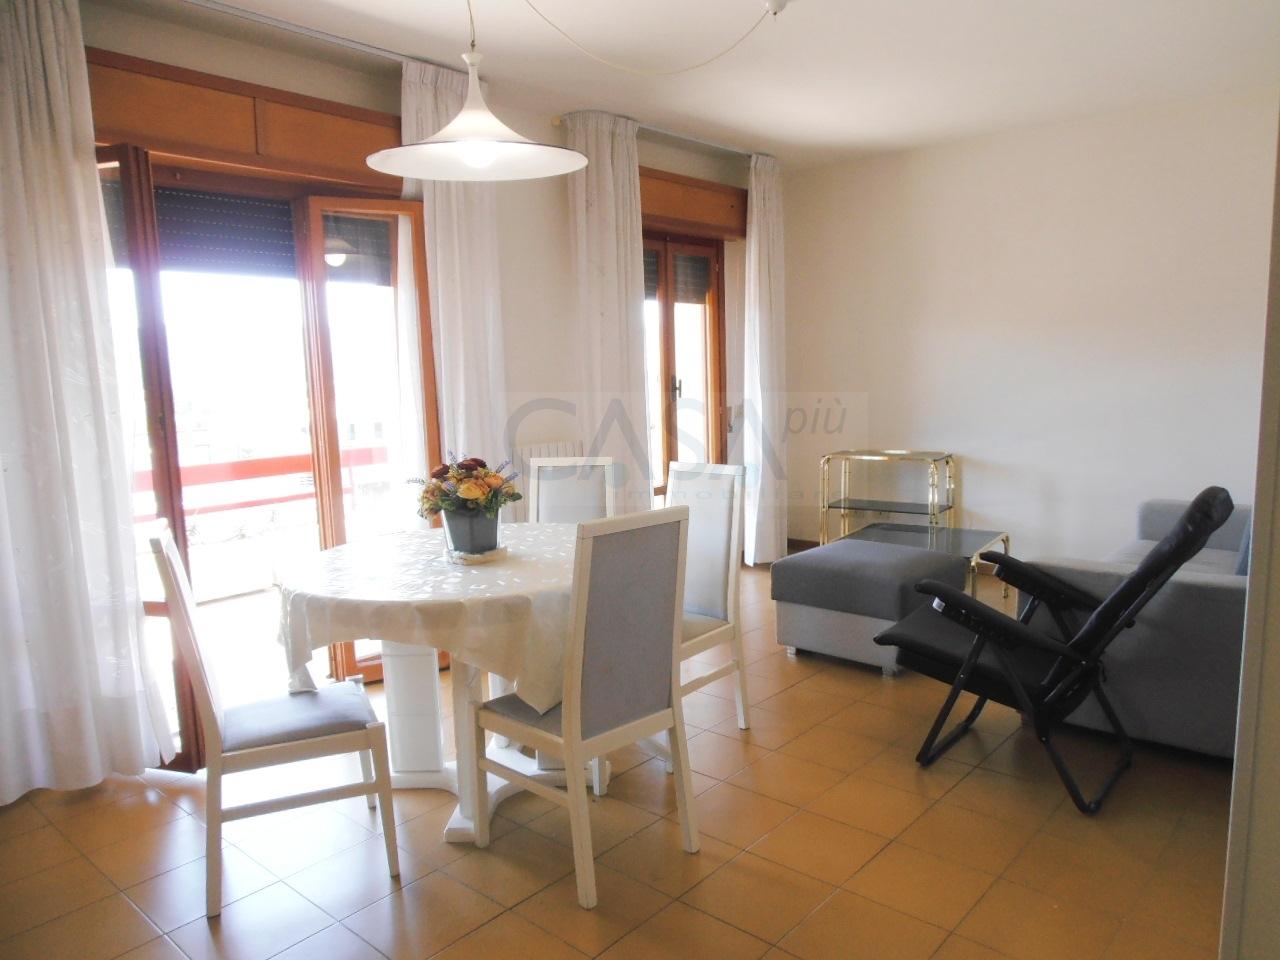 Appartamento in vendita a Monteprandone, 4 locali, prezzo € 95.000   CambioCasa.it